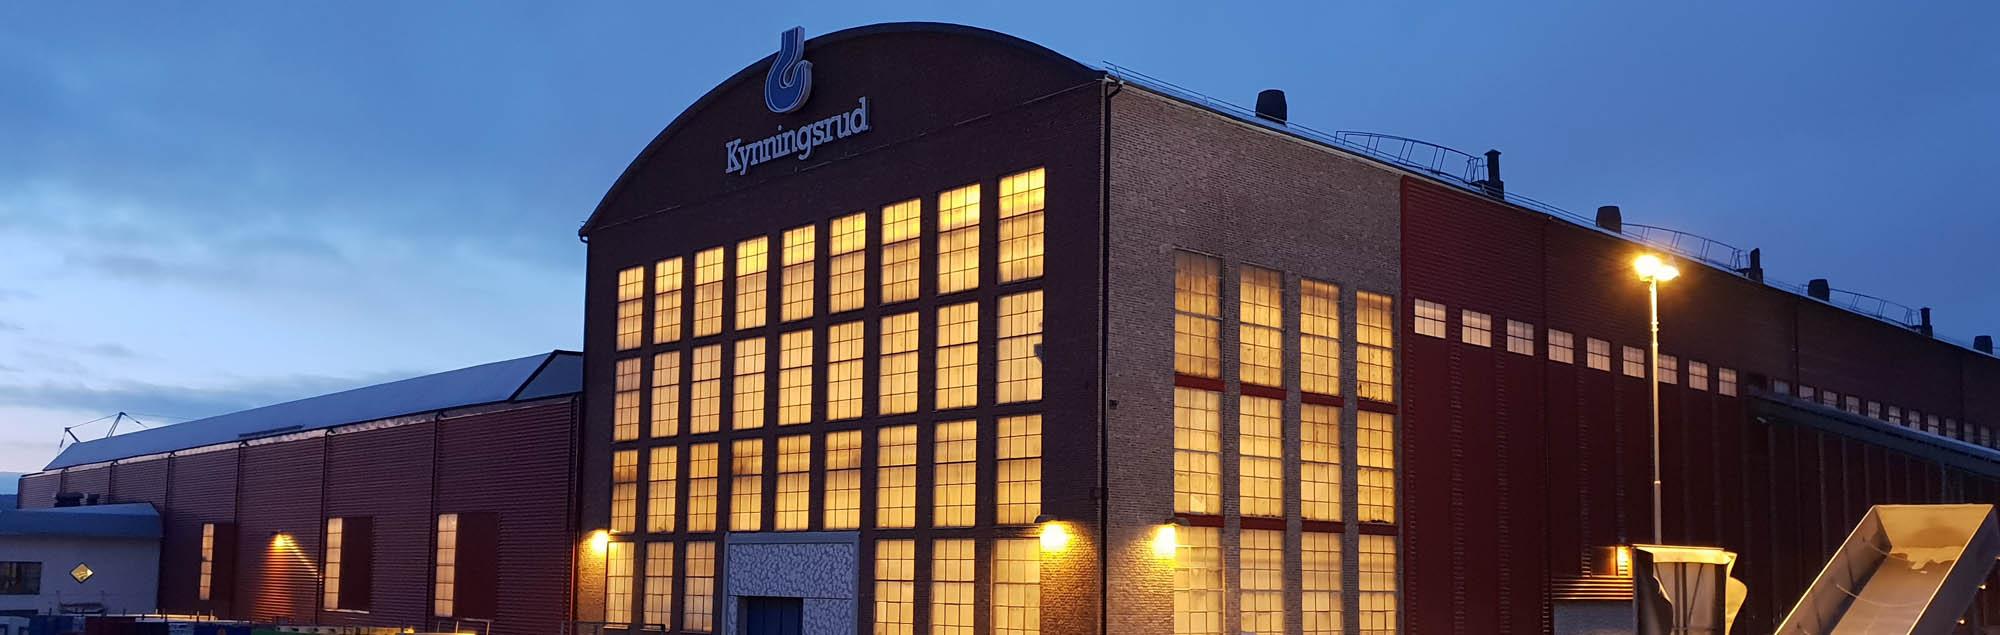 HeidelbergCement förvärvar Kynningsrud Prefab